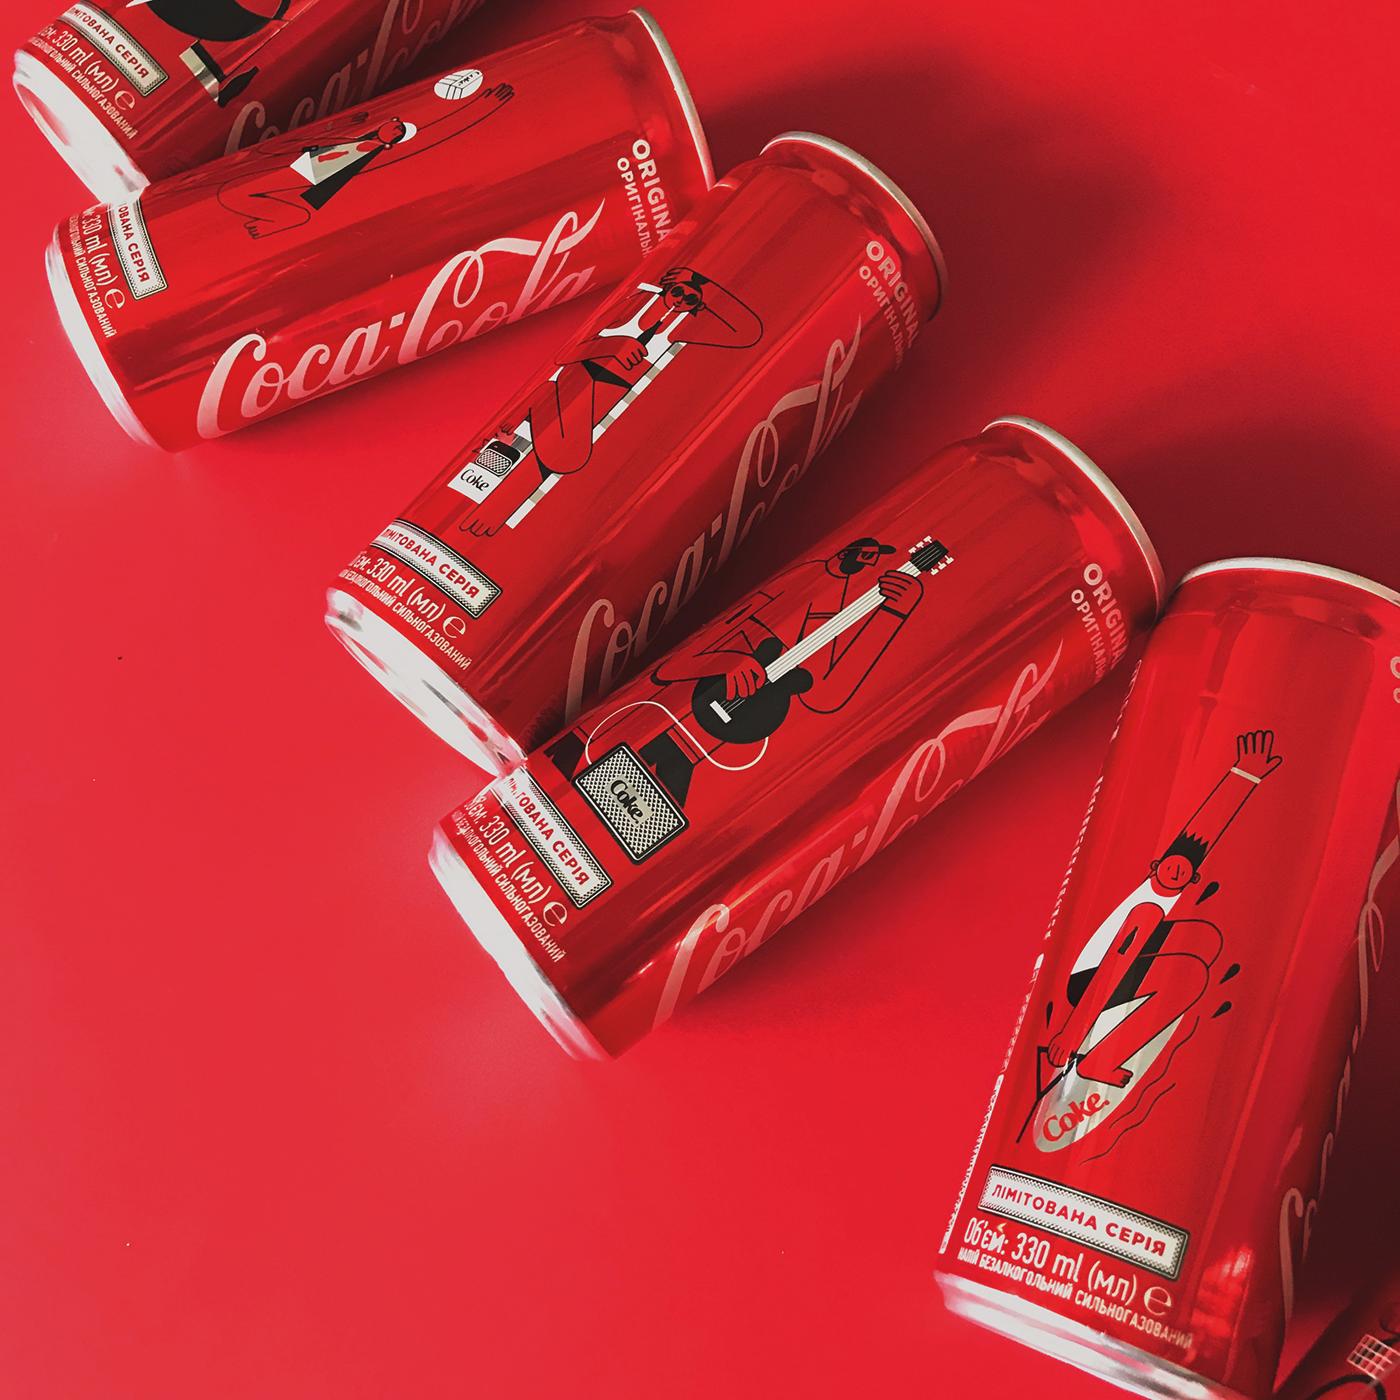 Coca-Cola Summer Edition